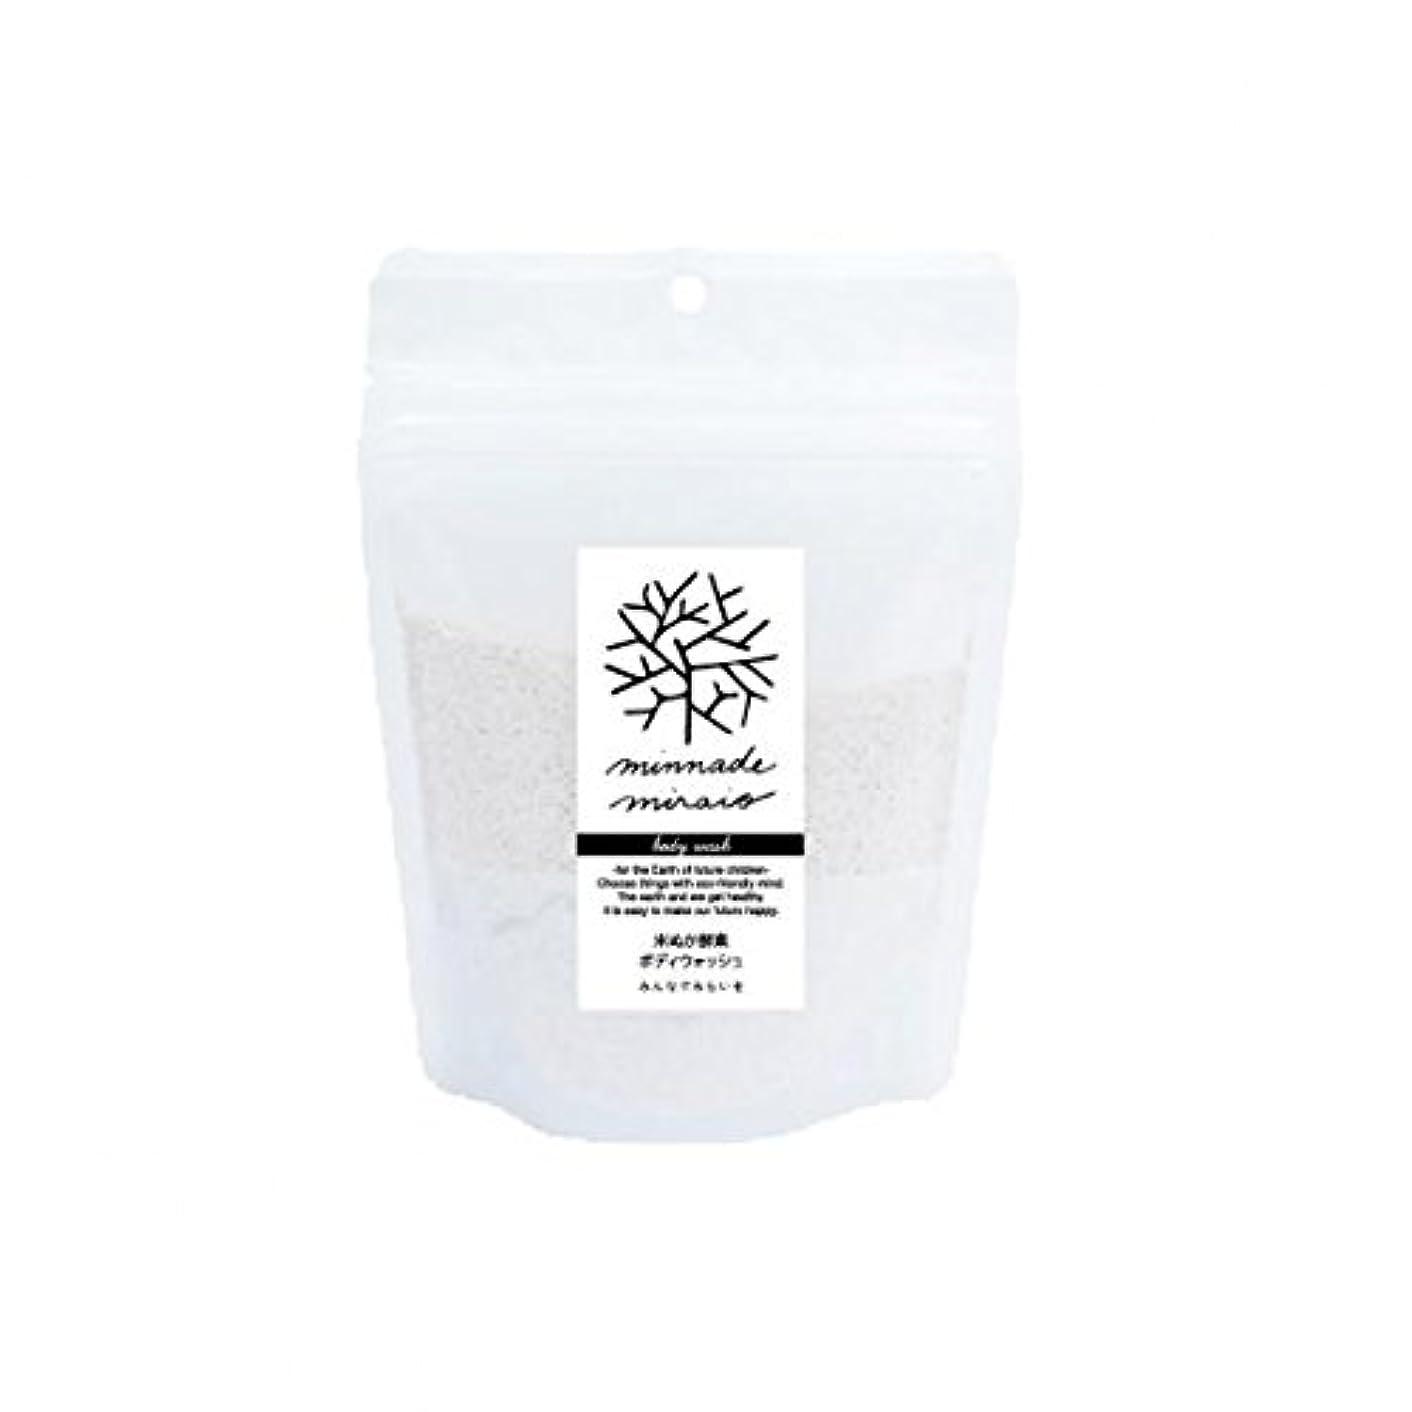 メディックショッピングセンター縫うみんなでみらいを 100%無添加 米ぬか酵素ボディウォッシュ 詰替用 130g×3袋